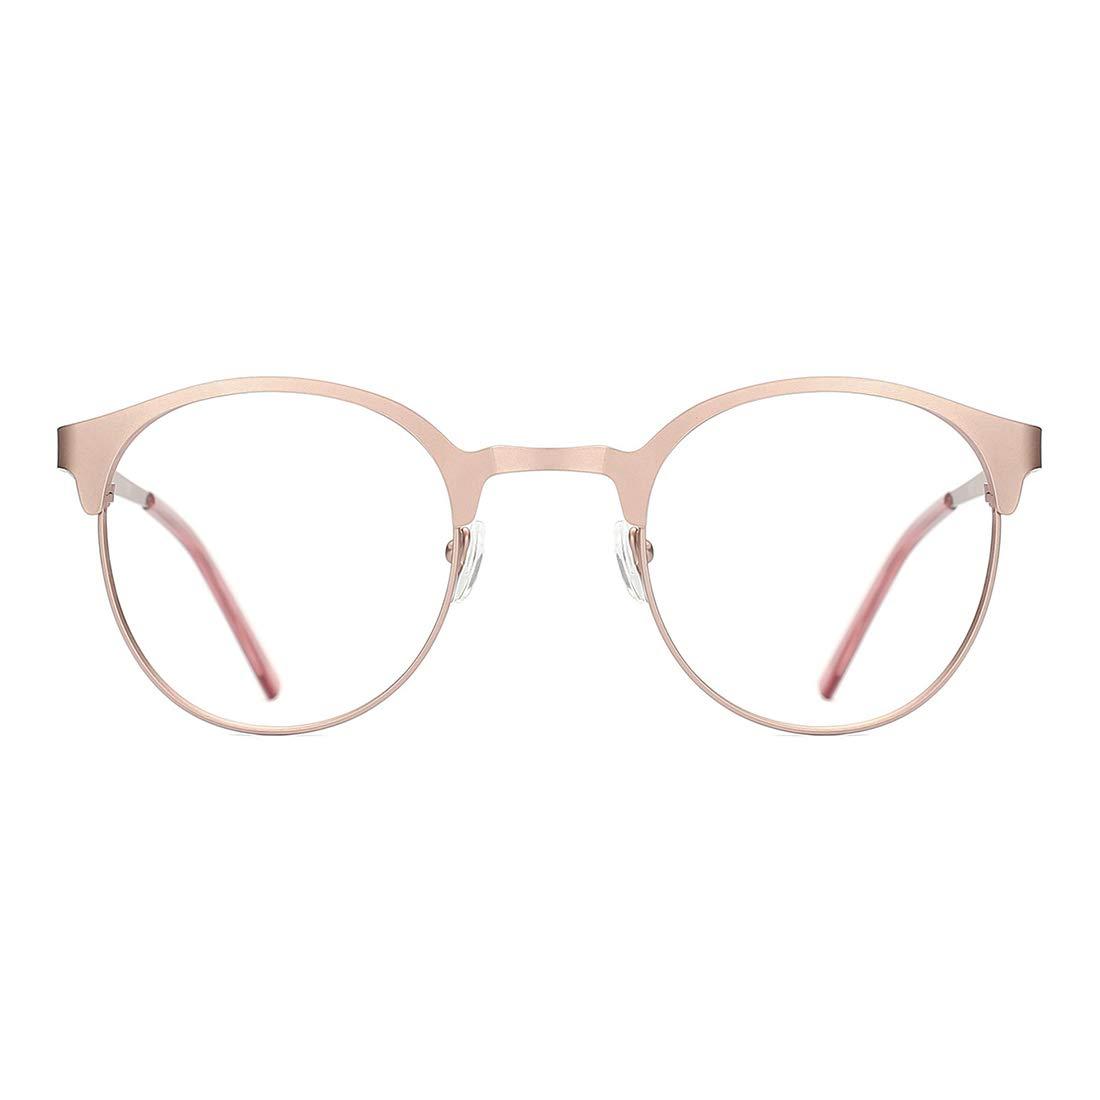 TIJN New Round Designer Metal Eyeglasses Frames with Clear Lens (Rose Gold, Transparent)